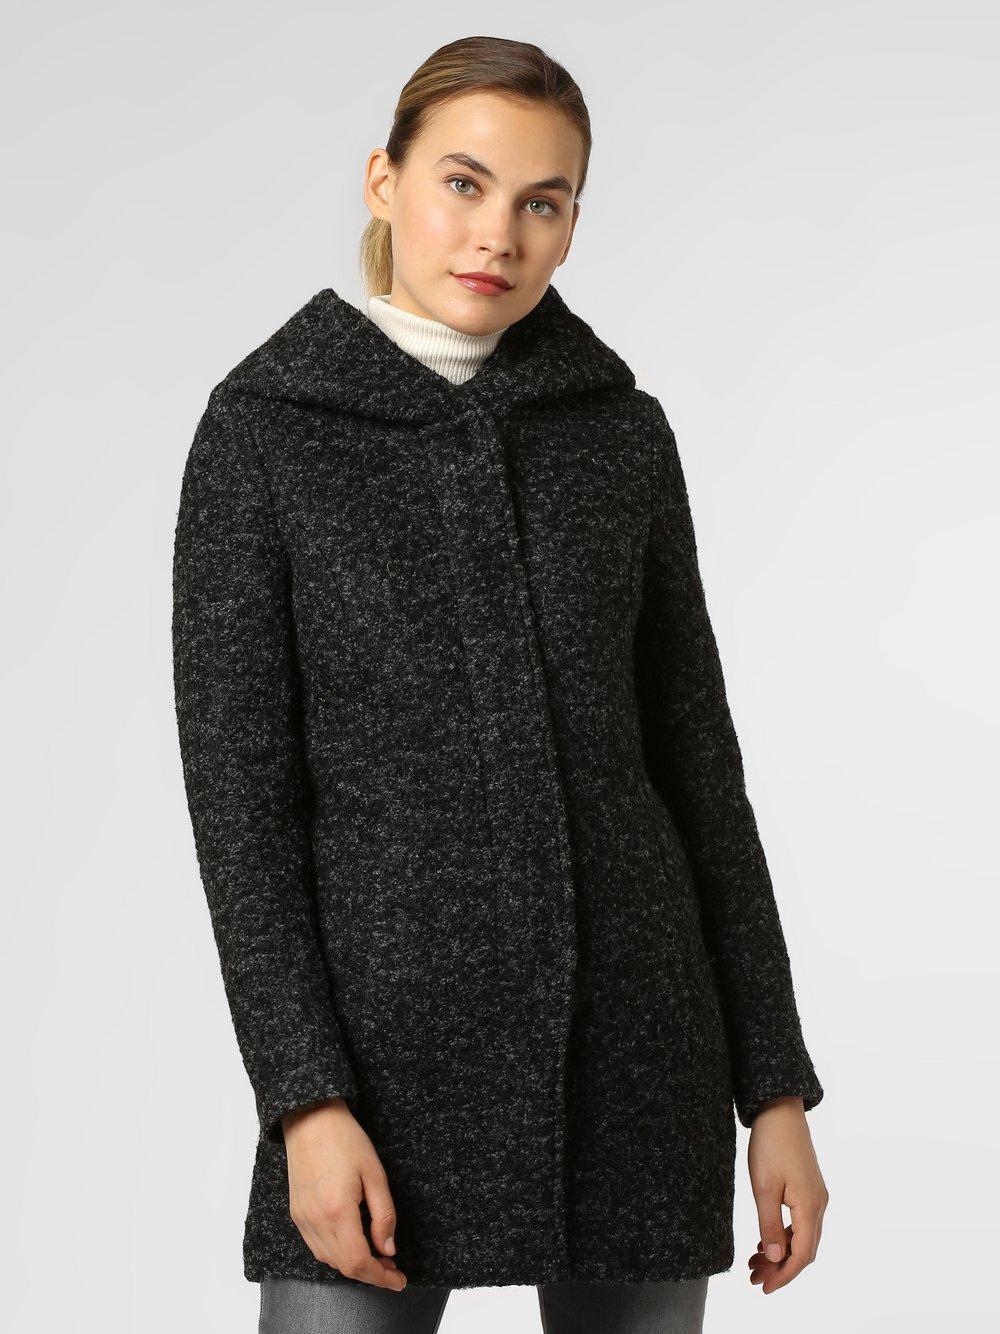 ONLY - Płaszcz damski – Onlsedona, czarny